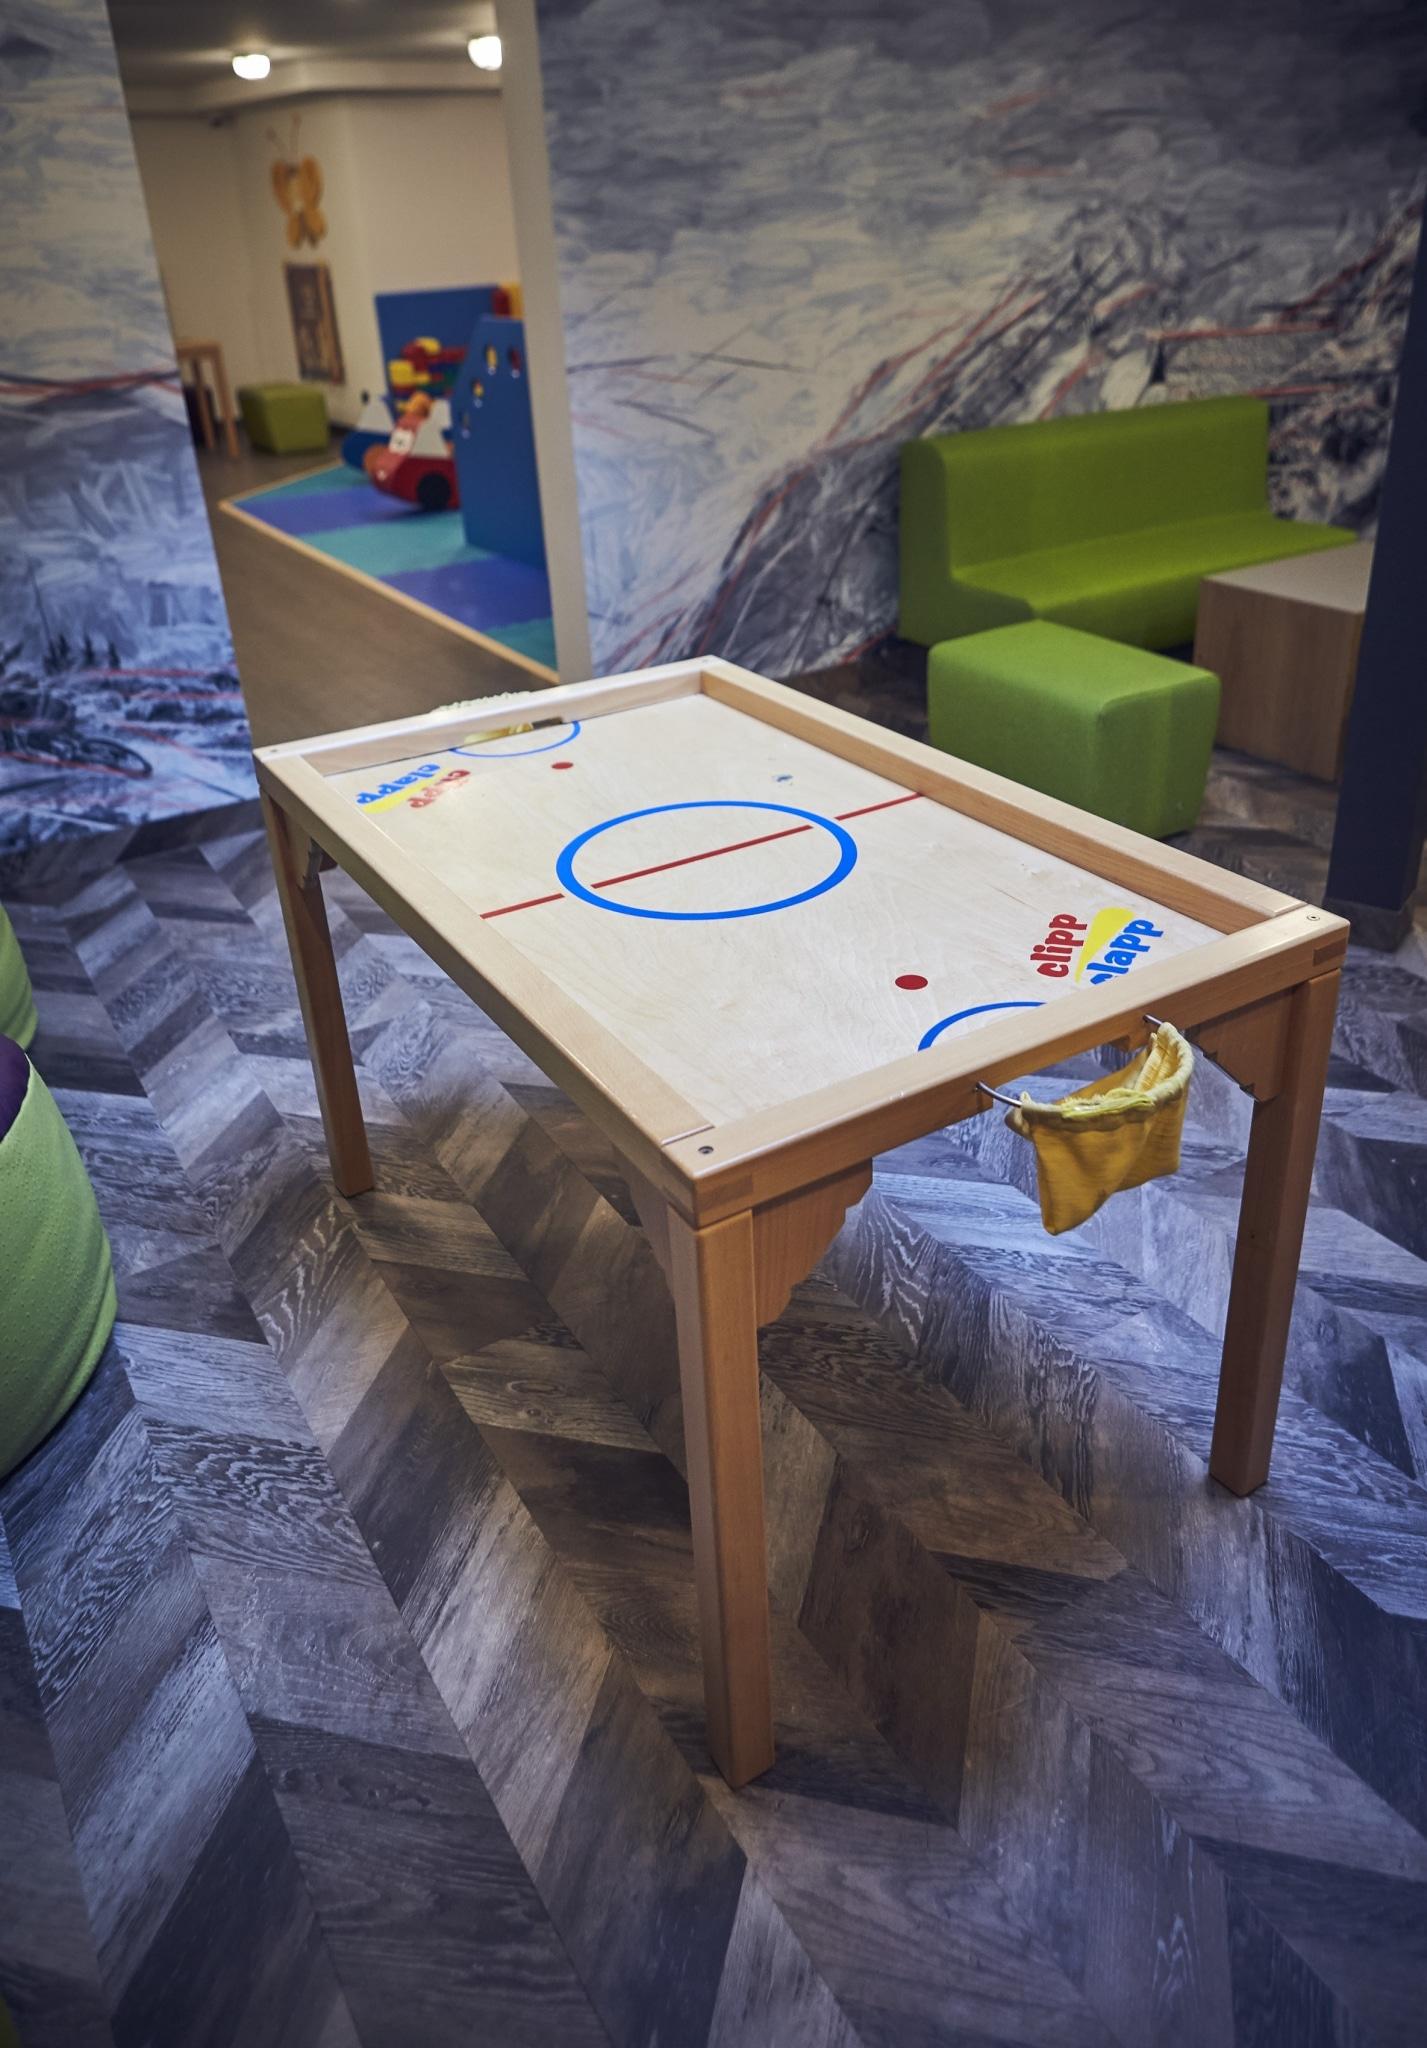 Unser Clipp-Clapp-Tisch in der Familien-Spielewelt